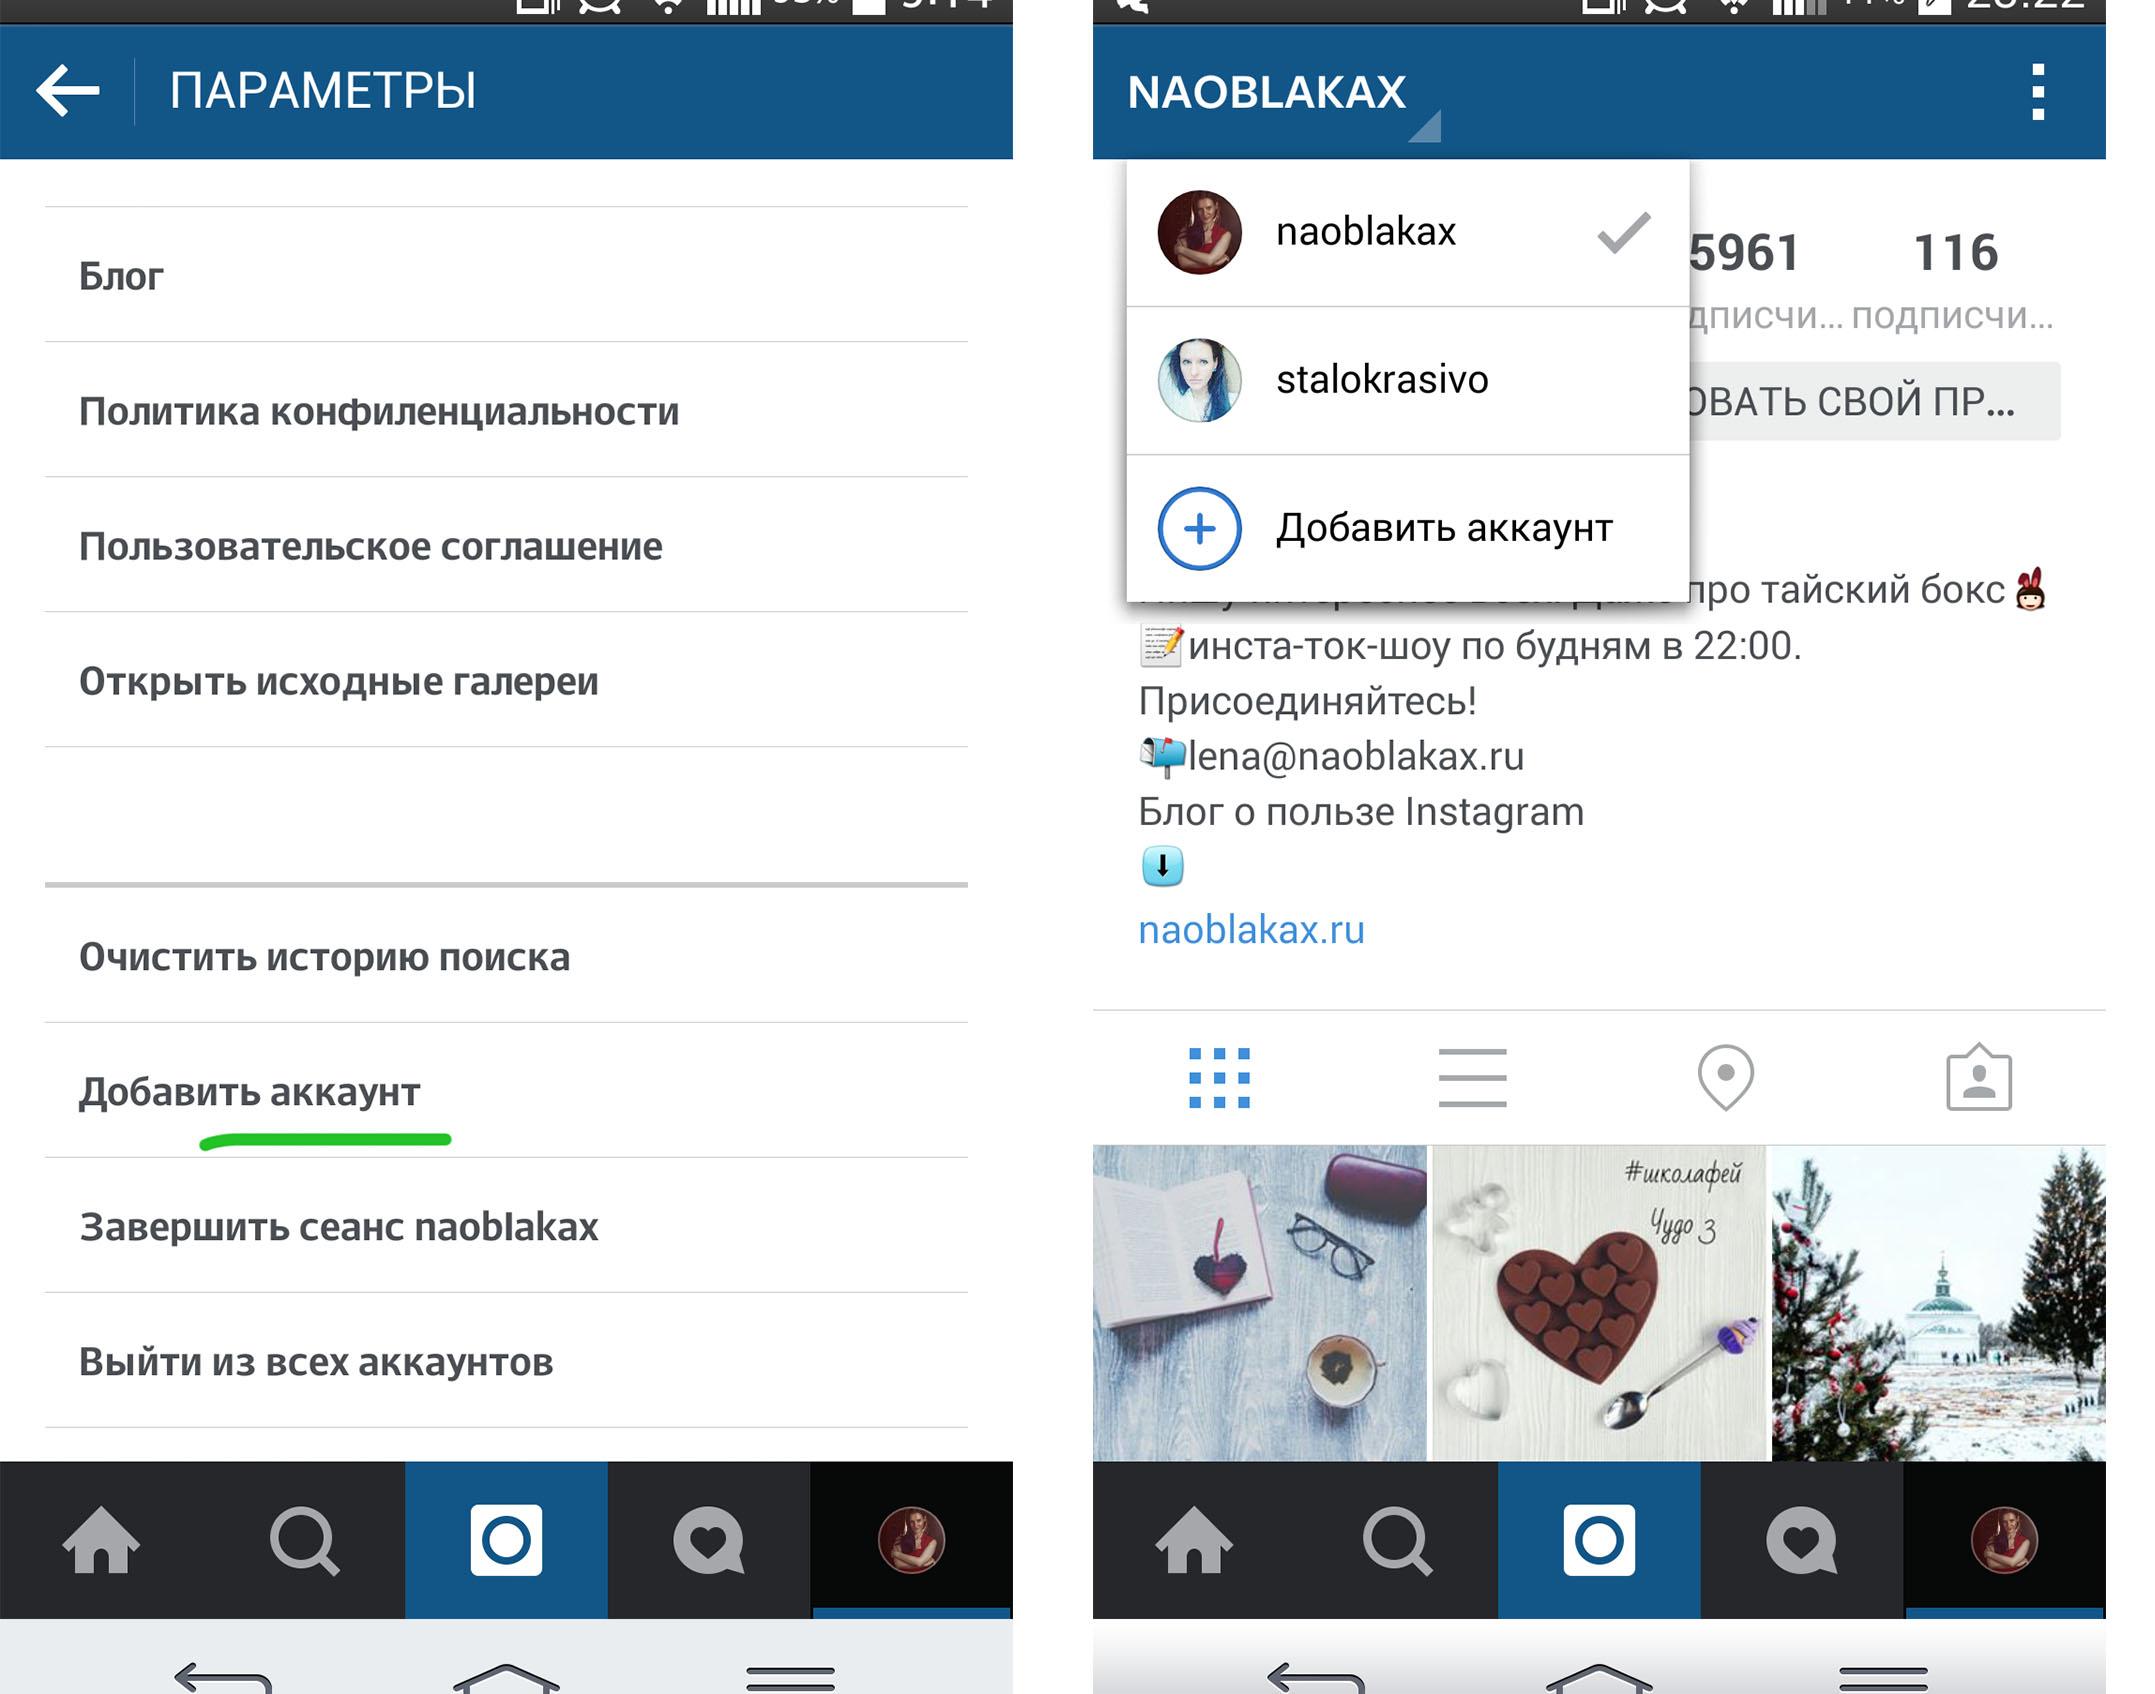 продвижение в инстаграм два аккаунта | naoblakax.ru